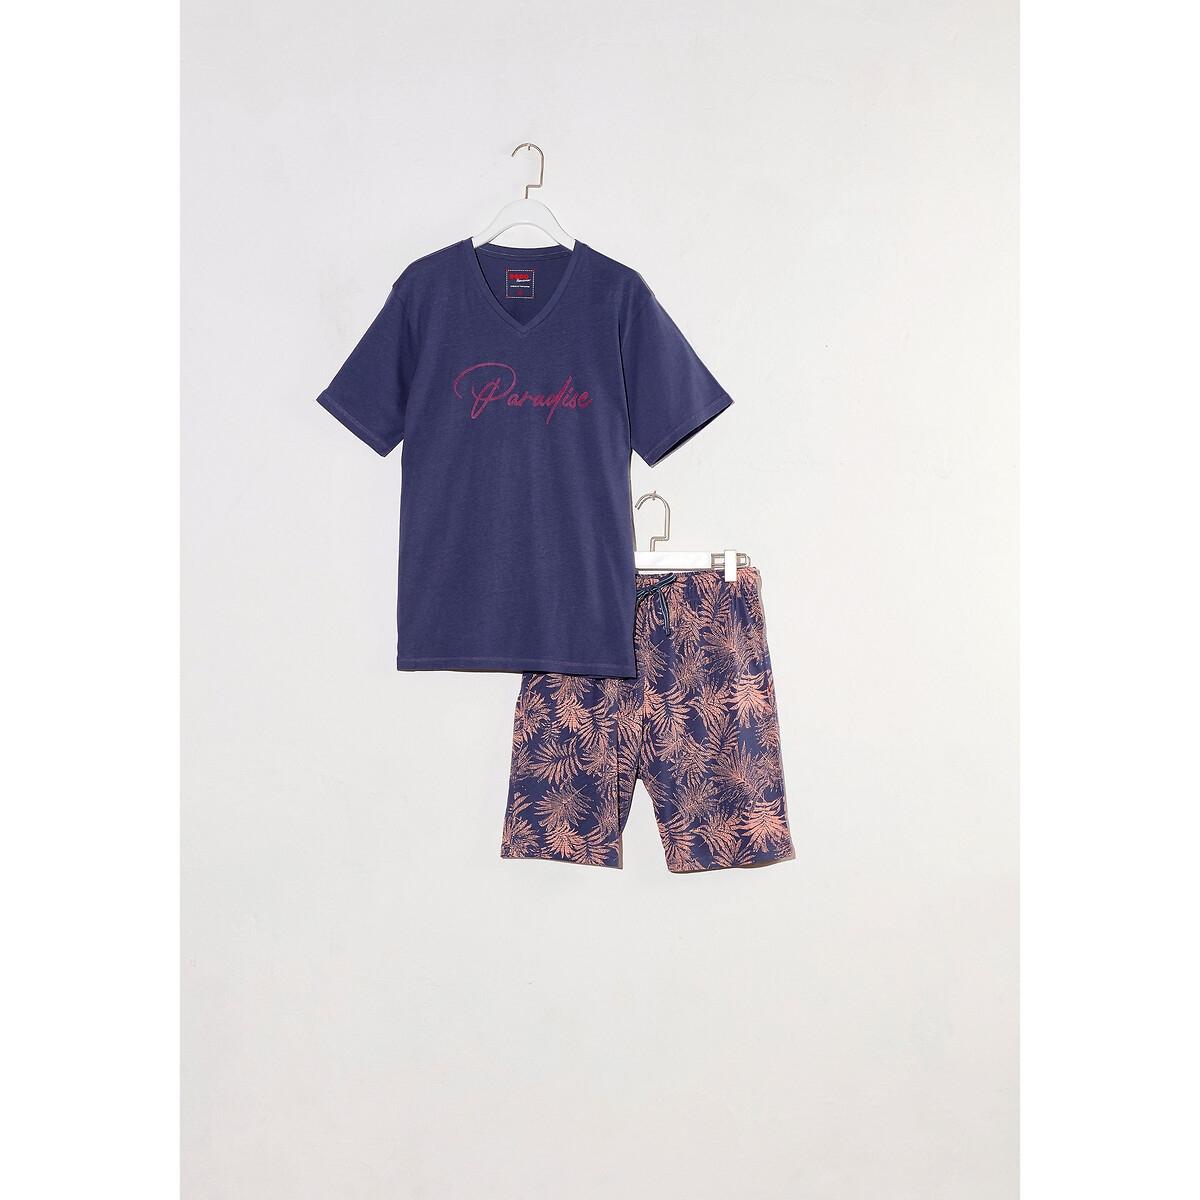 Фото - Пижама LaRedoute С шортами с рисунком пальмы XXL синий пижама laredoute с шортами в полоску m синий